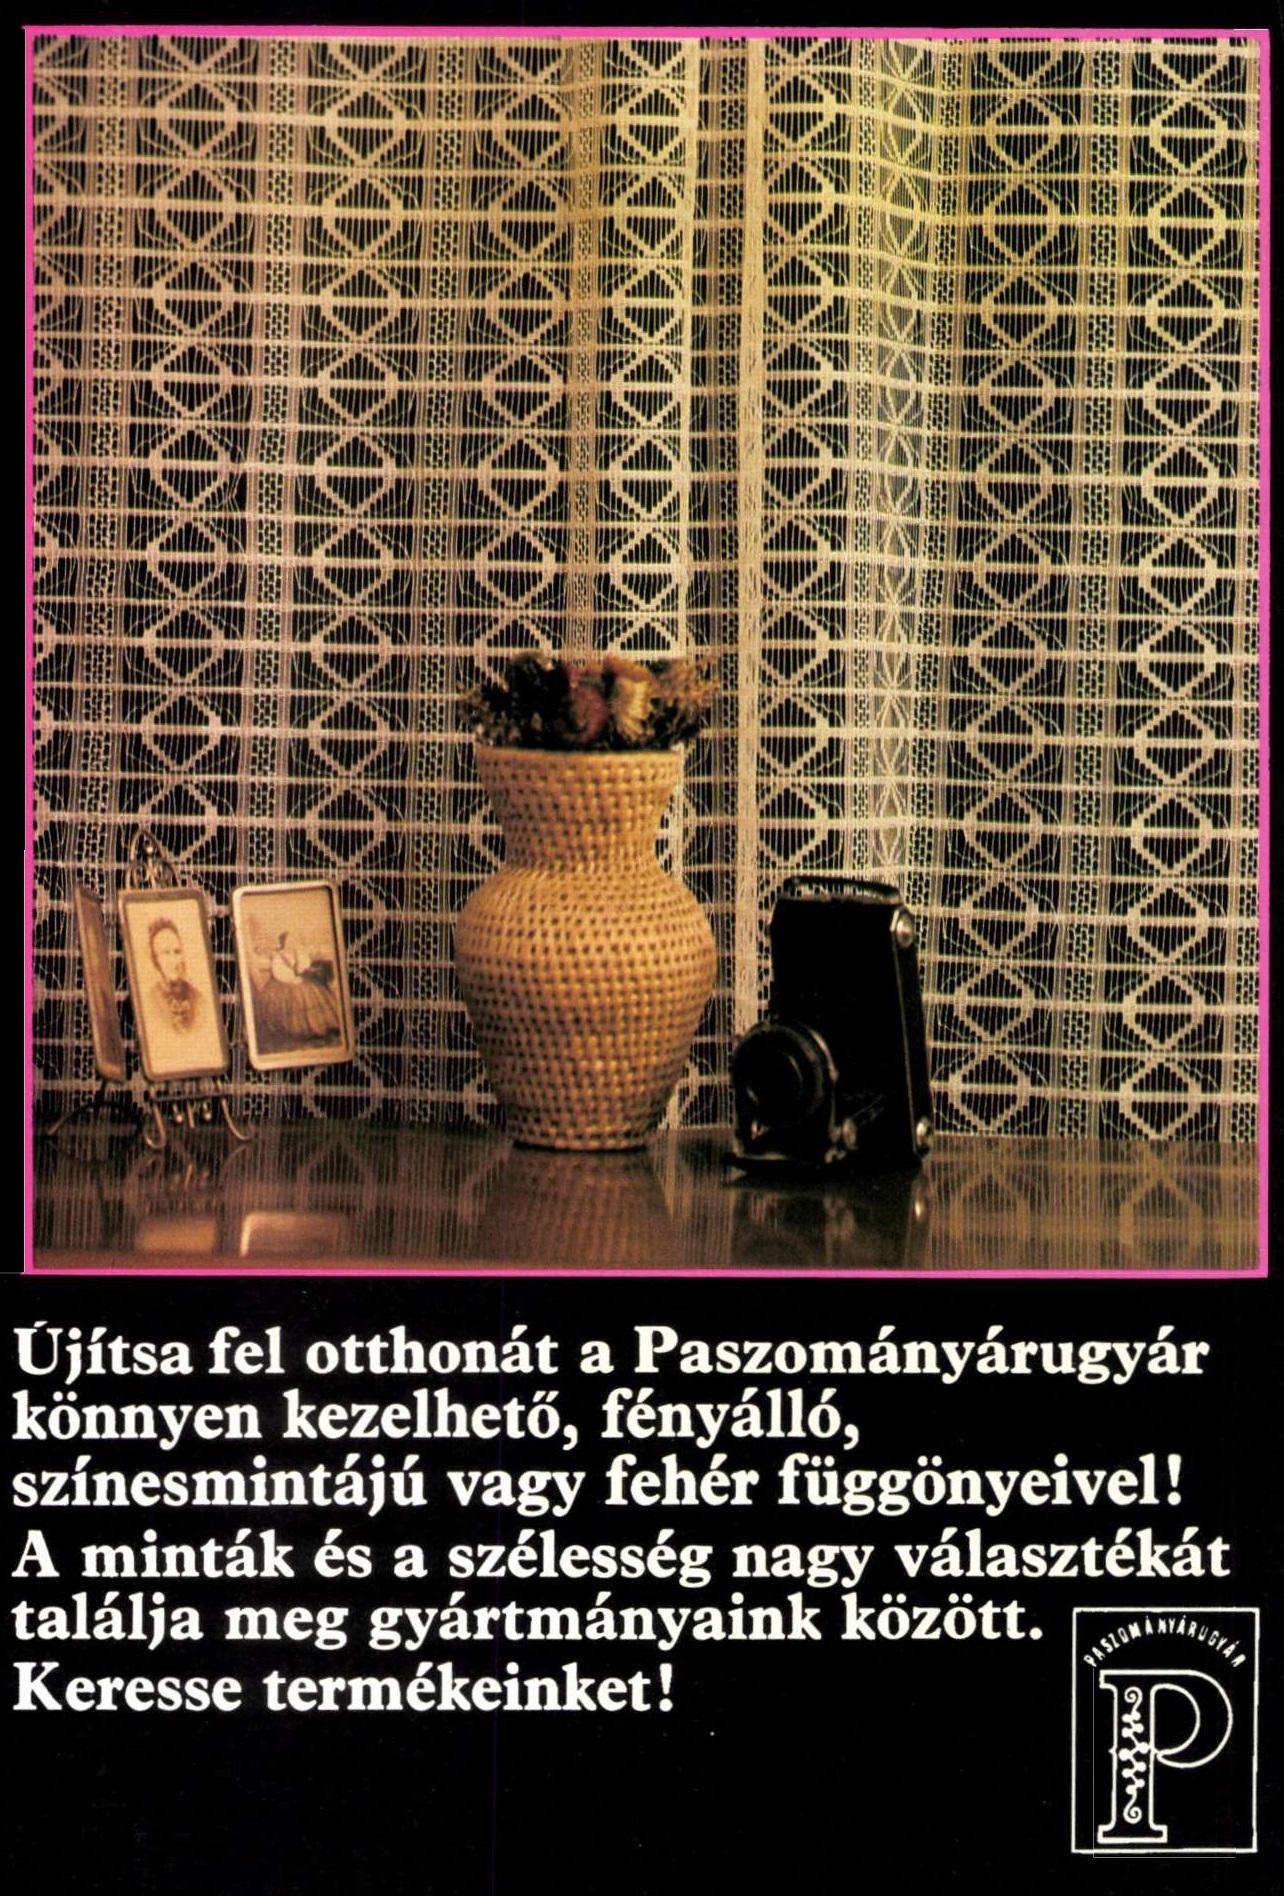 idokapszula_nb_i_1983_84_tavaszi_zaras_merlegen_a_felsohaz_reklam_3.jpg